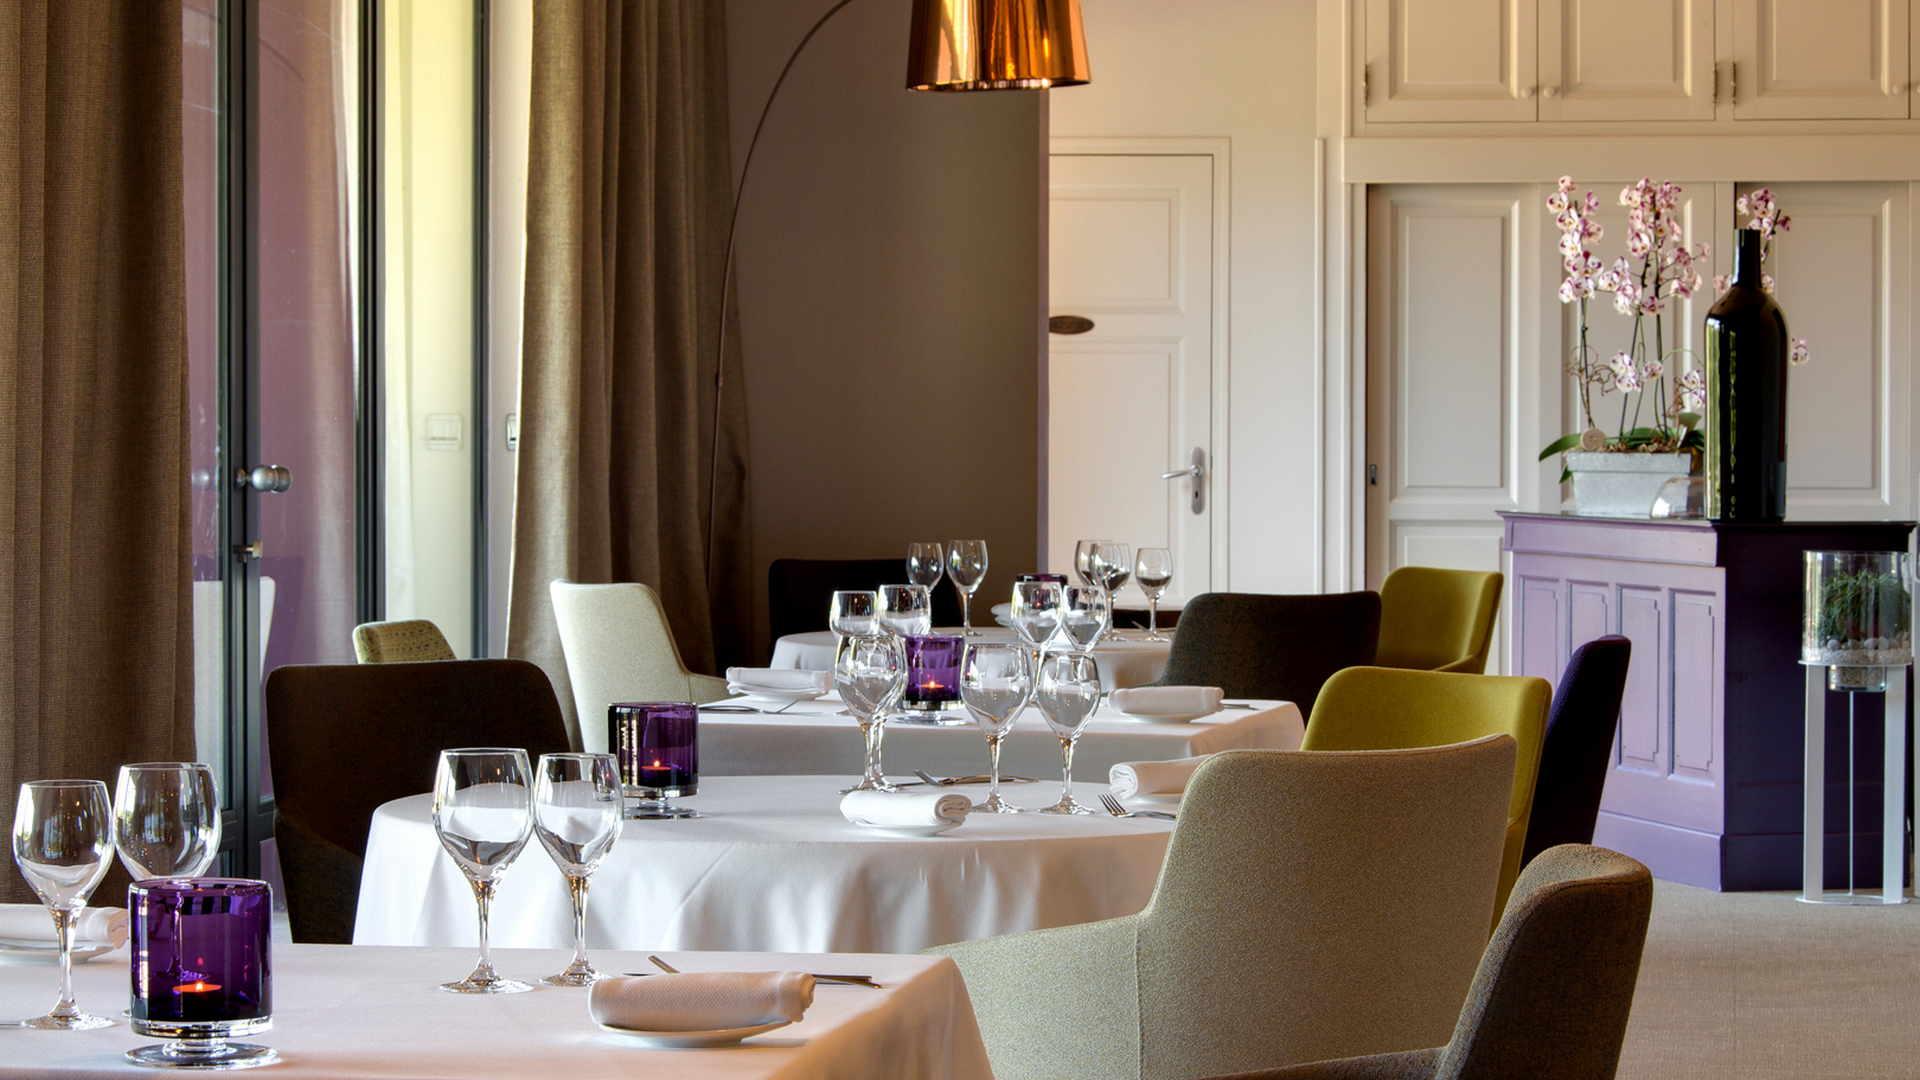 salle de restaurant violette, restaurant gastronomique, Le Pré Gourmand